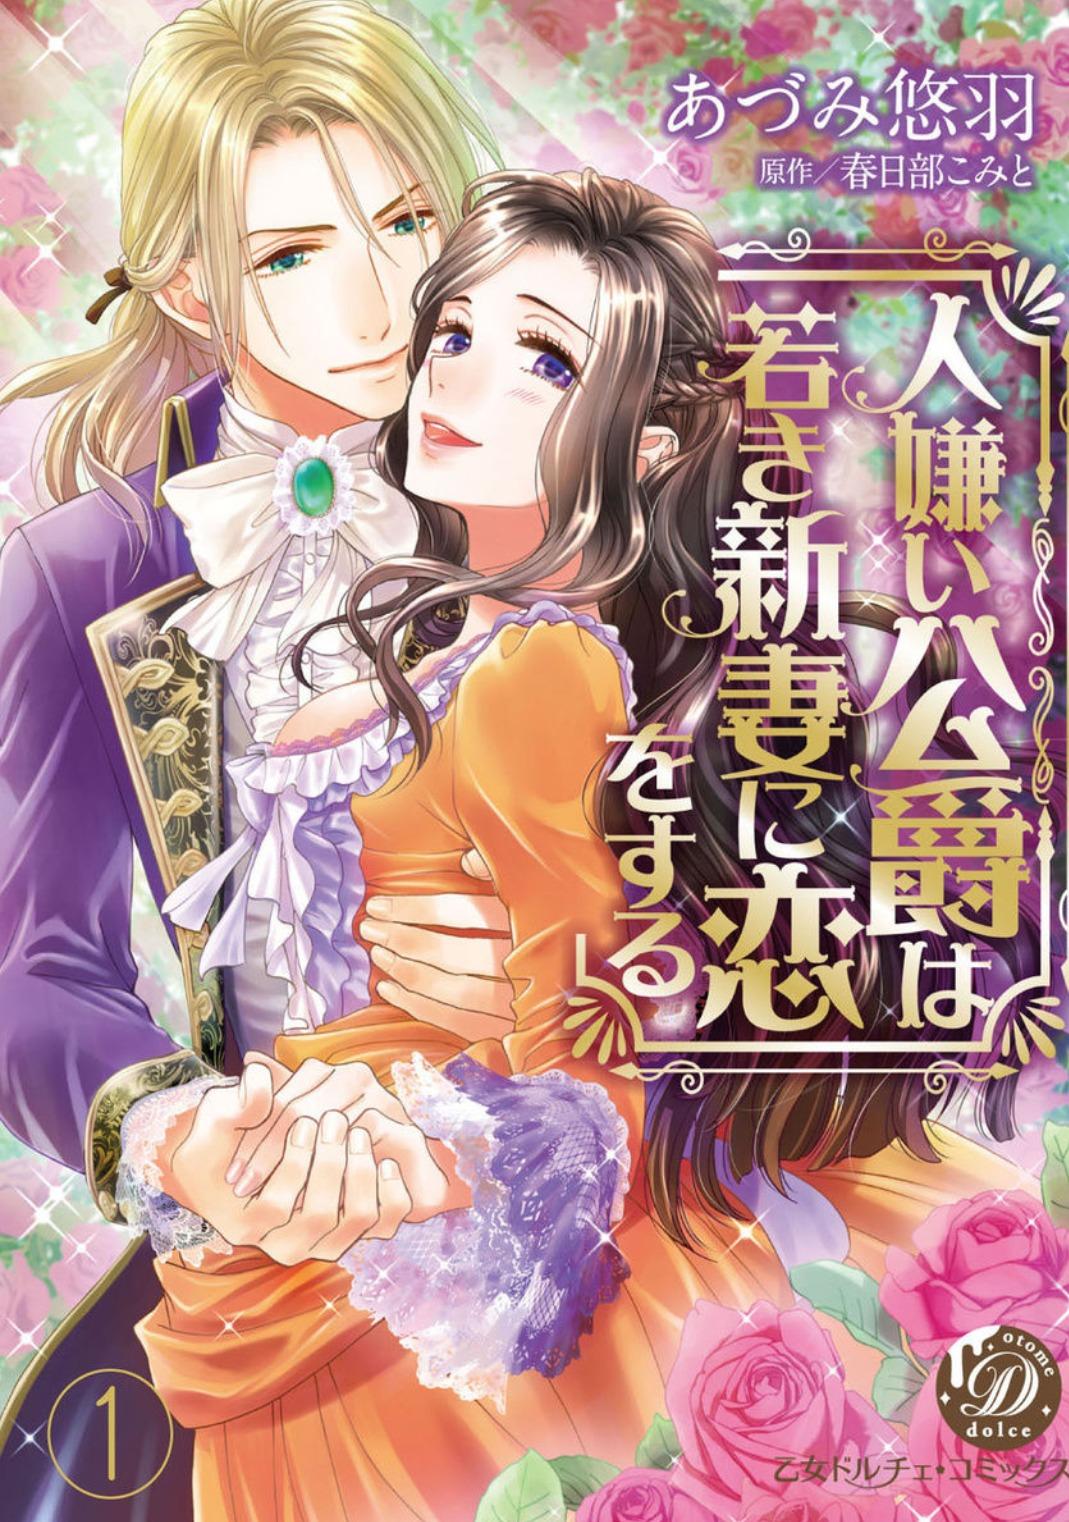 ときめくほど美しい公爵に愛されちゃう♡|人嫌い公爵は若き新妻に恋をする-感想・あらすじ・ネタバレ